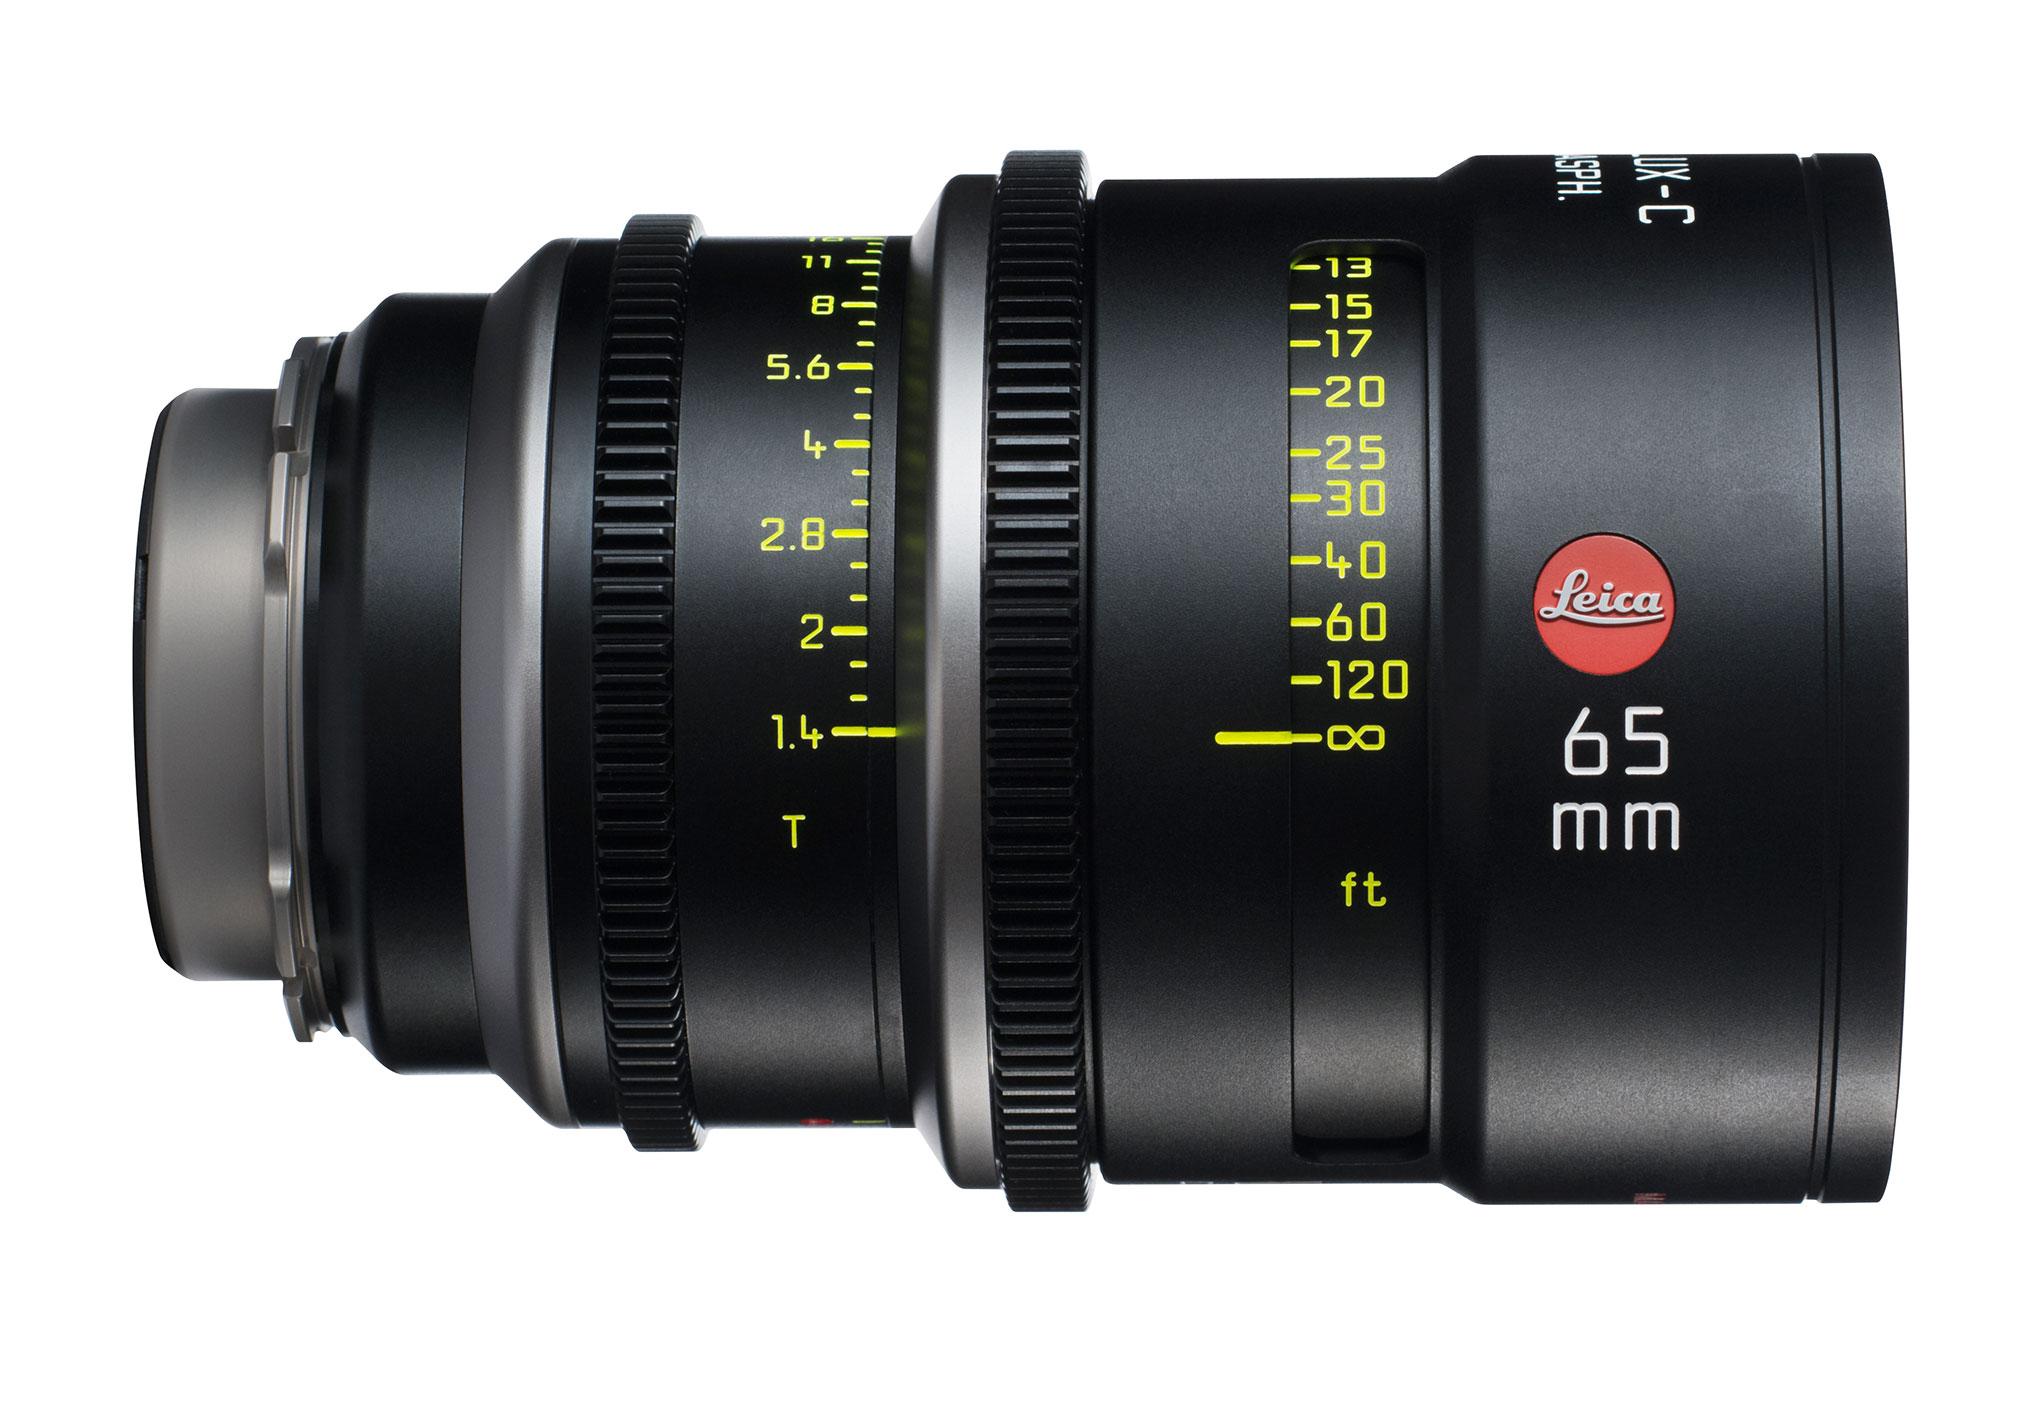 Leica Summilux-C 65mm lens